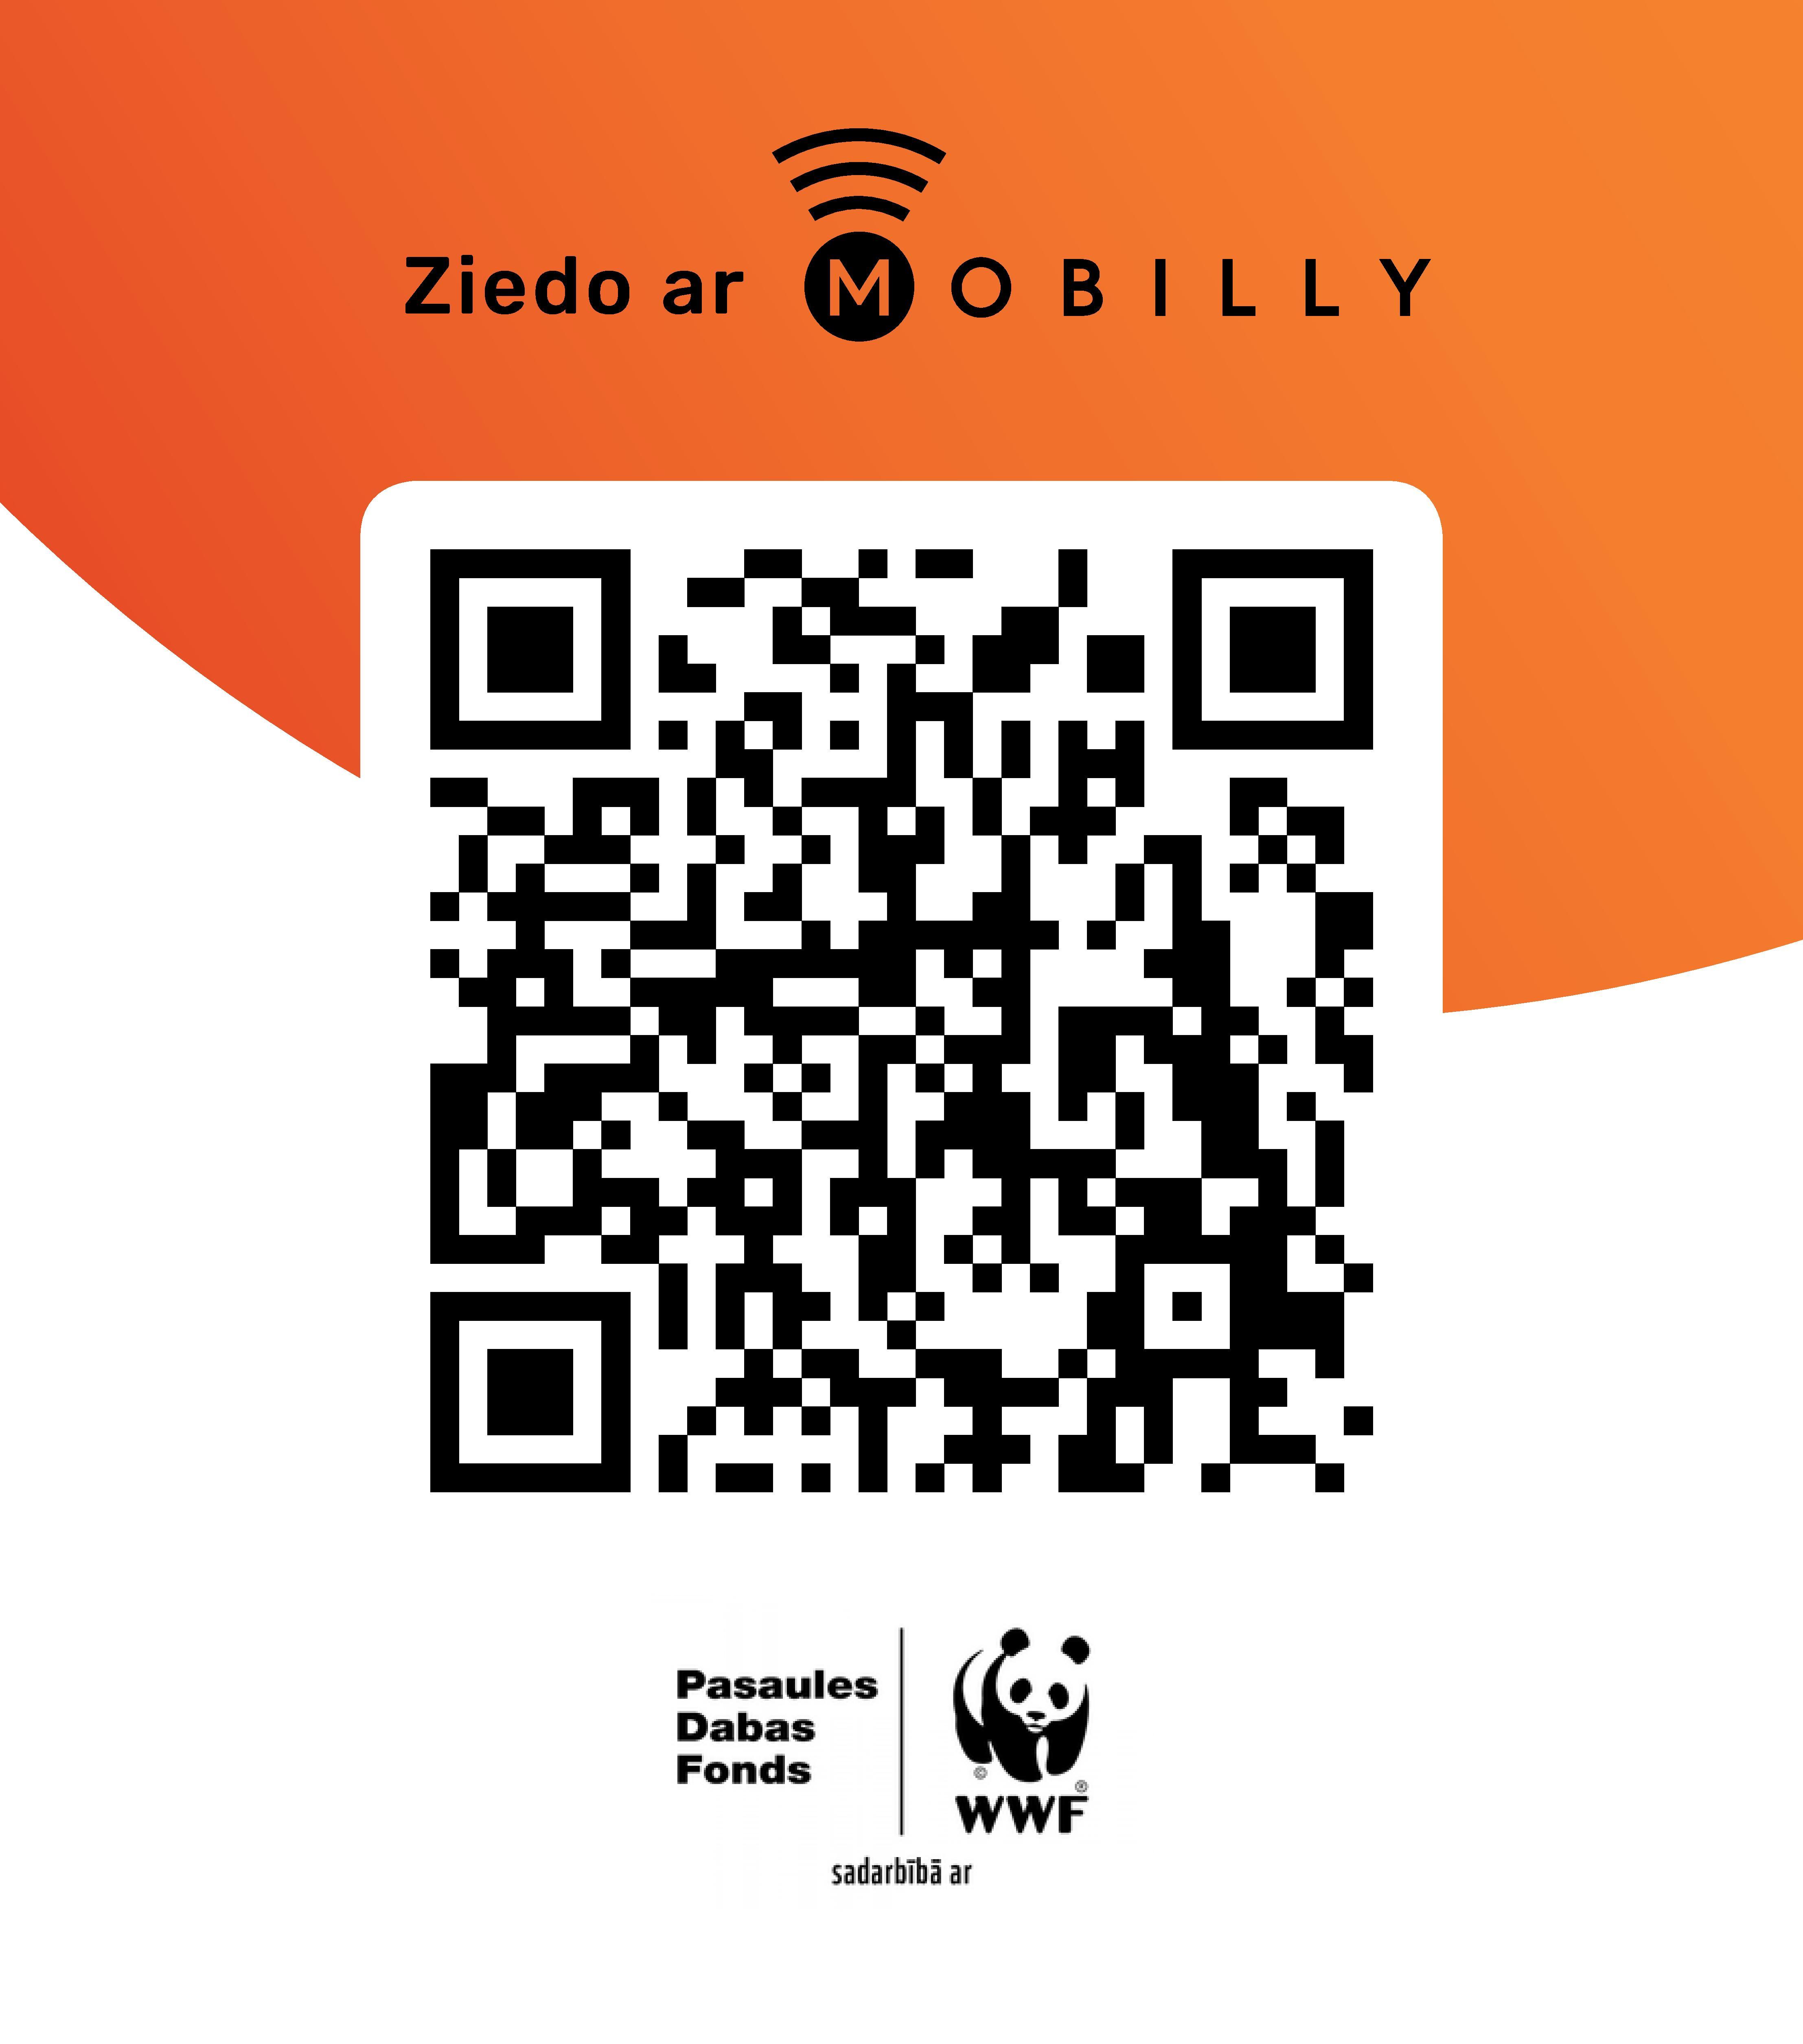 Atbalsti ar Mobilly